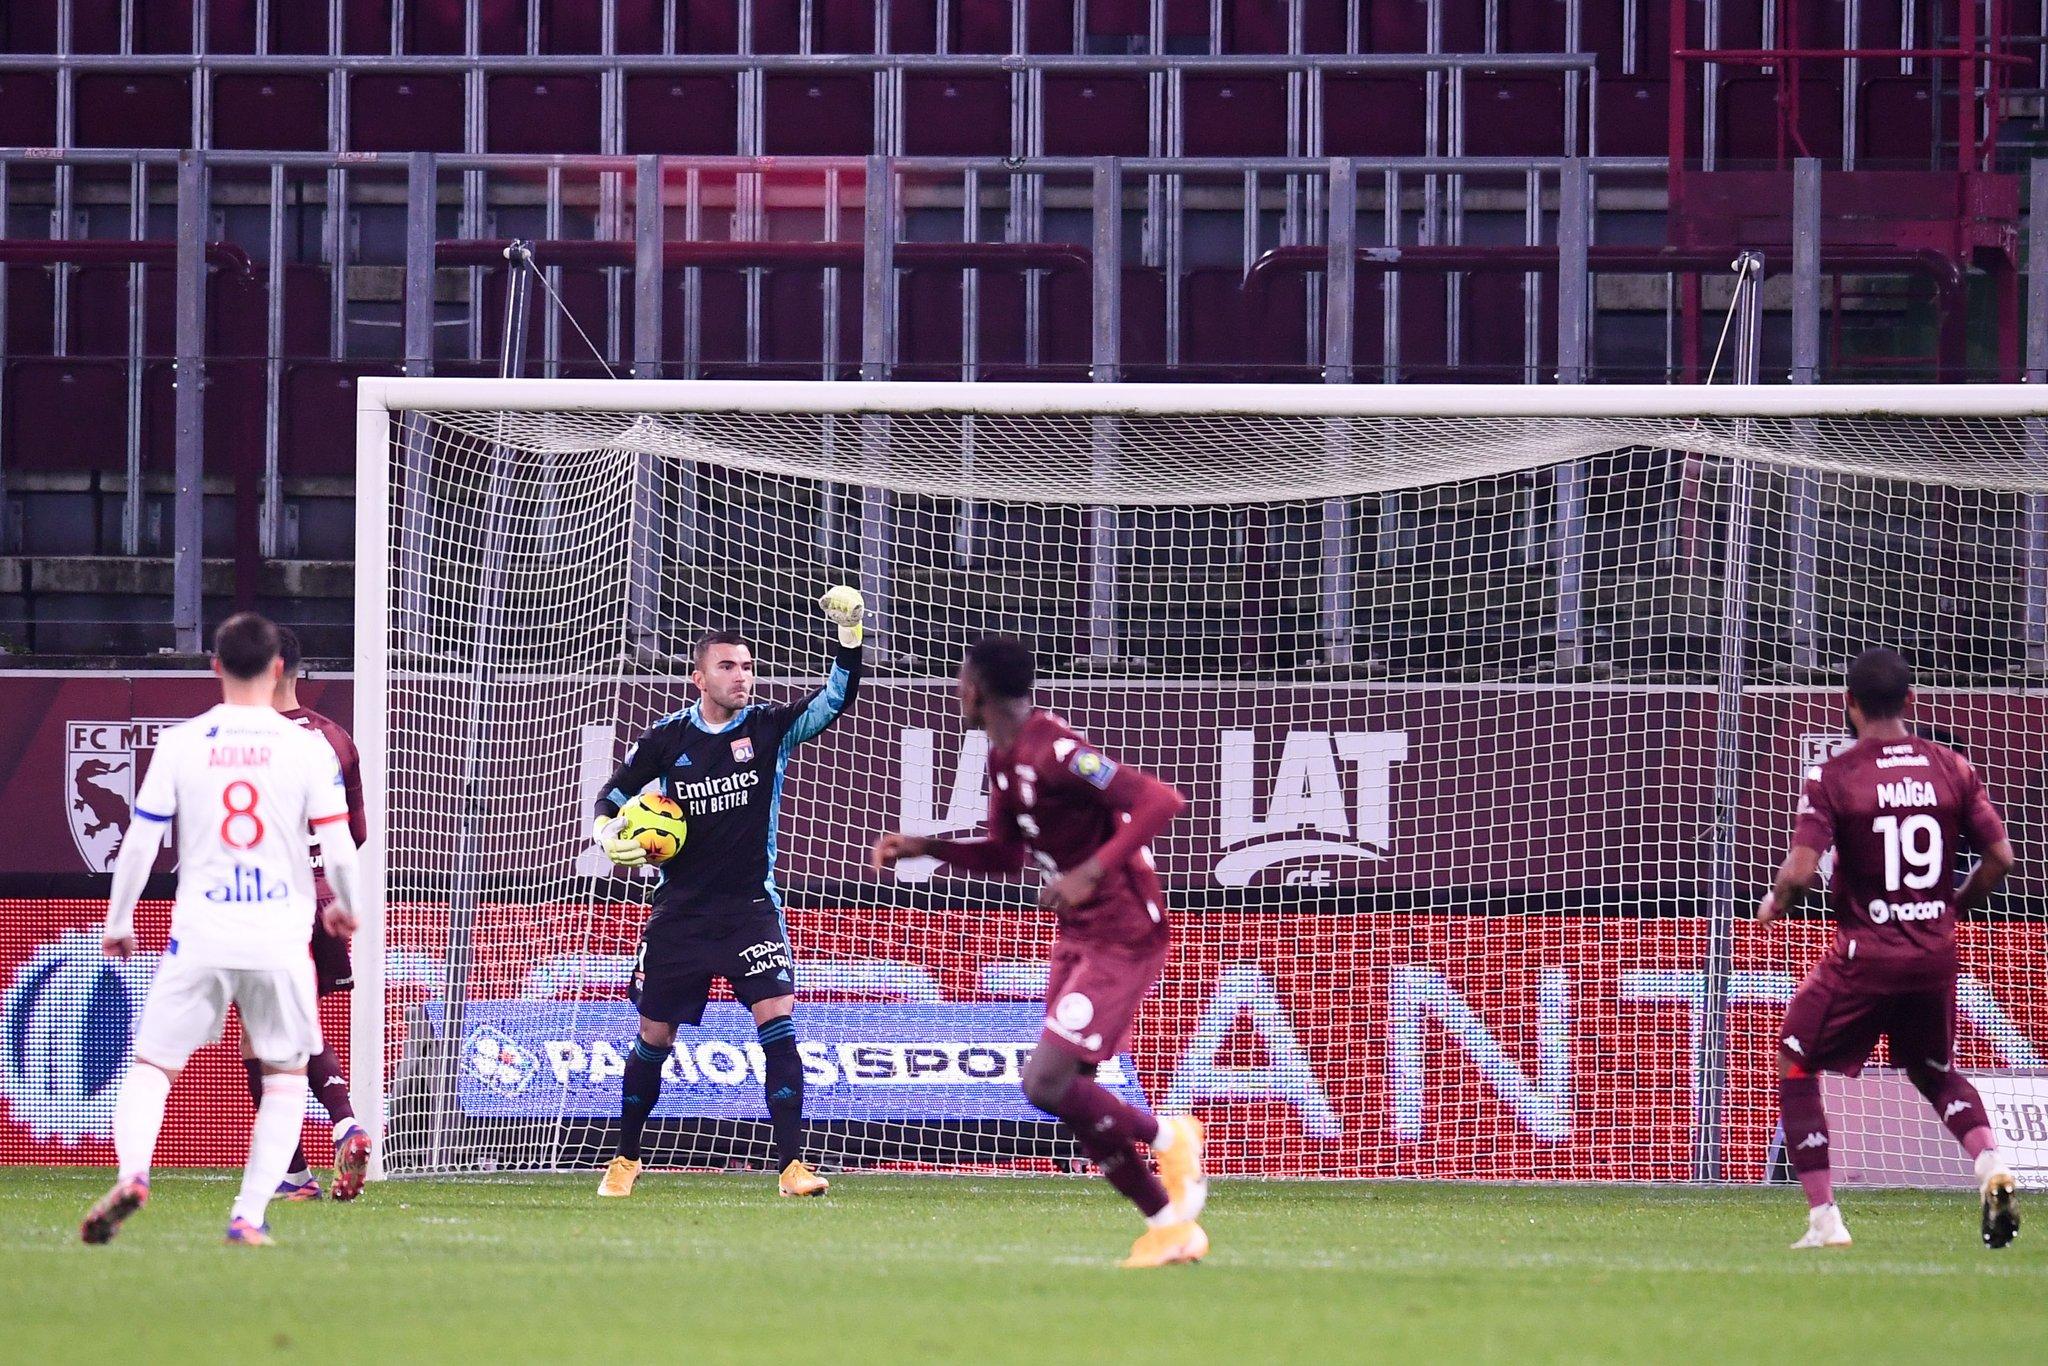 Anthony Lopes: Defender um penalti (agarrando-o à primeira) e sair logo a jogar com um volley (VIDEO)